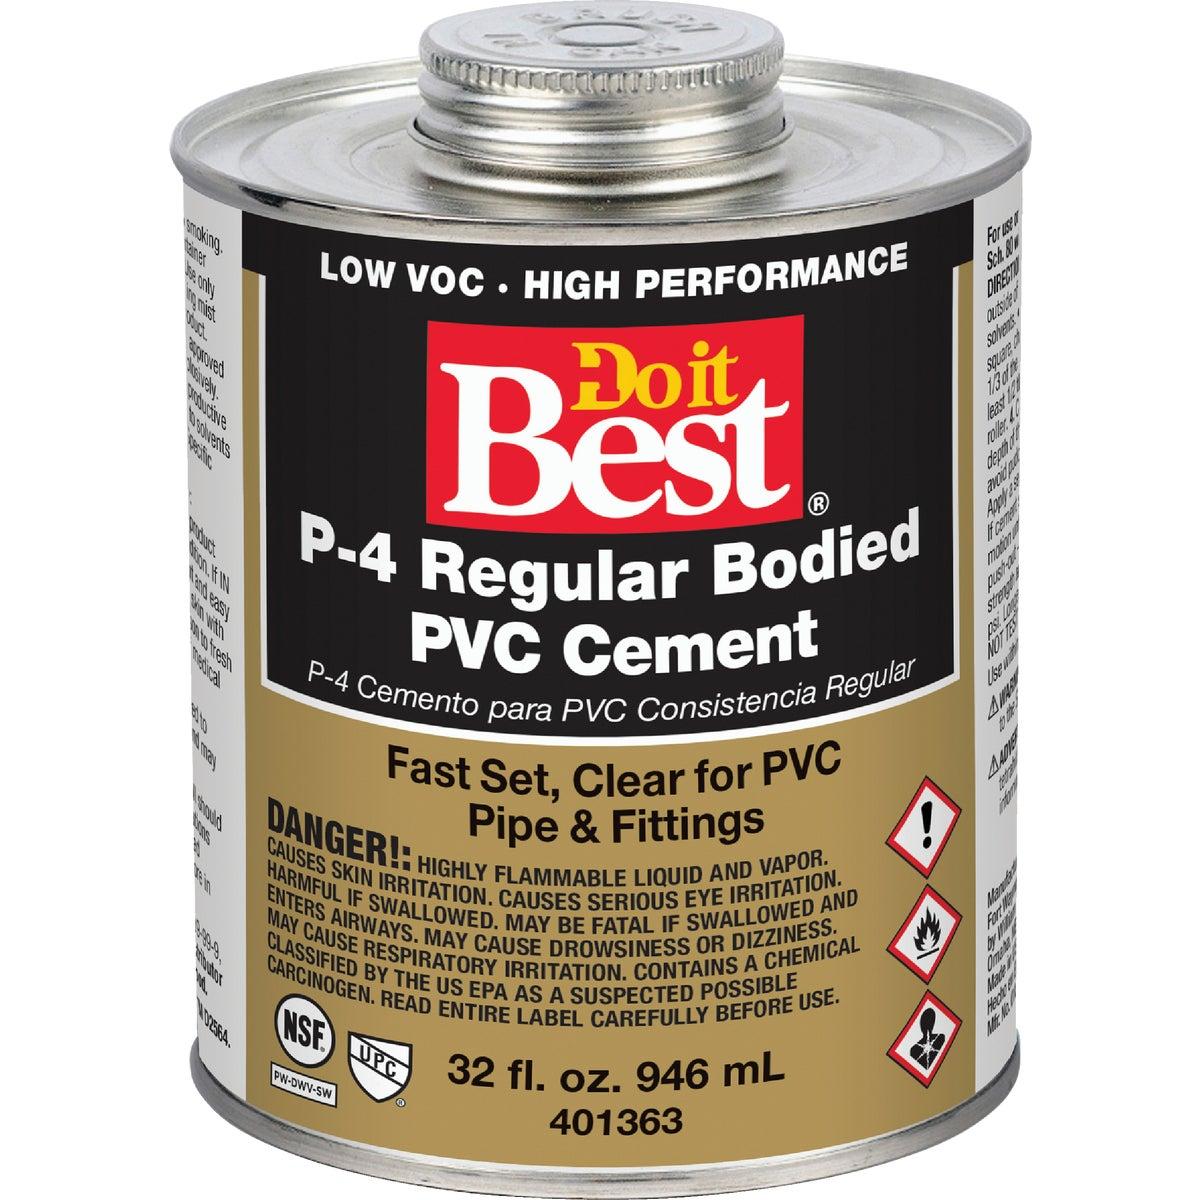 QUART PVC CEMENT